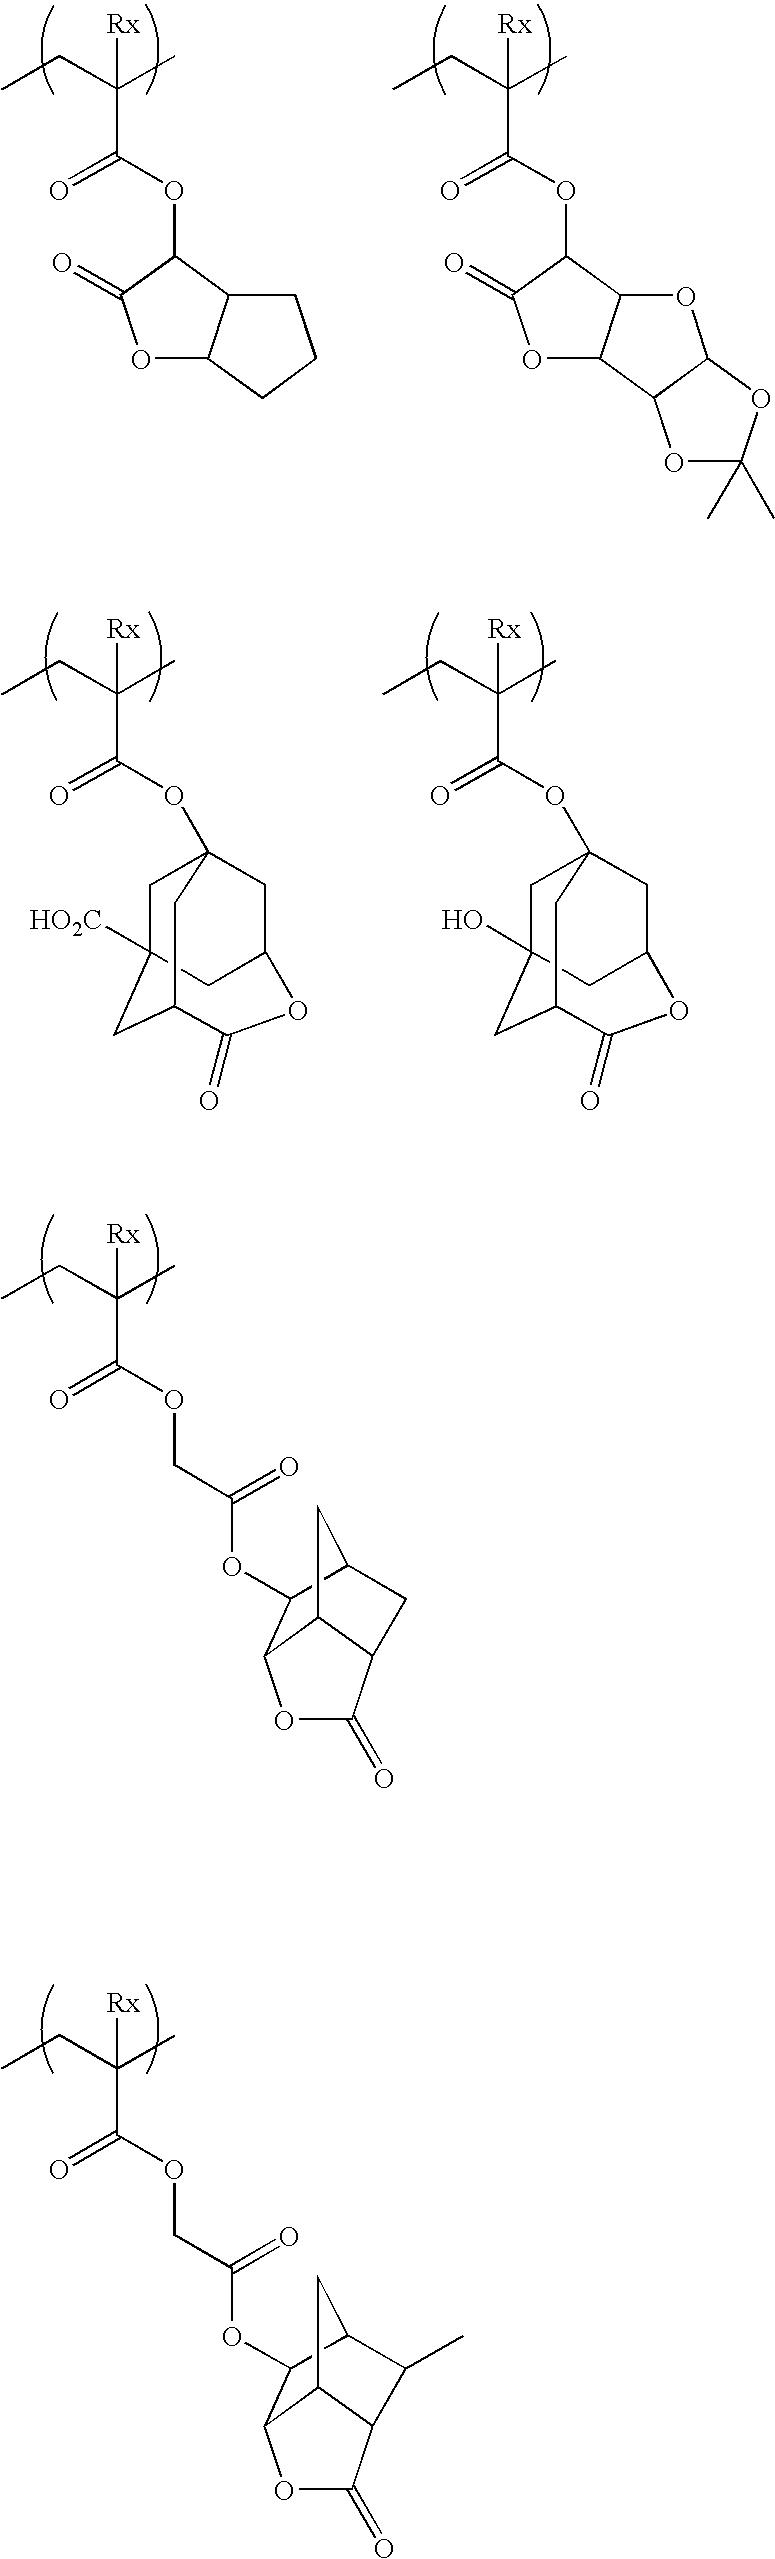 Figure US08852845-20141007-C00134